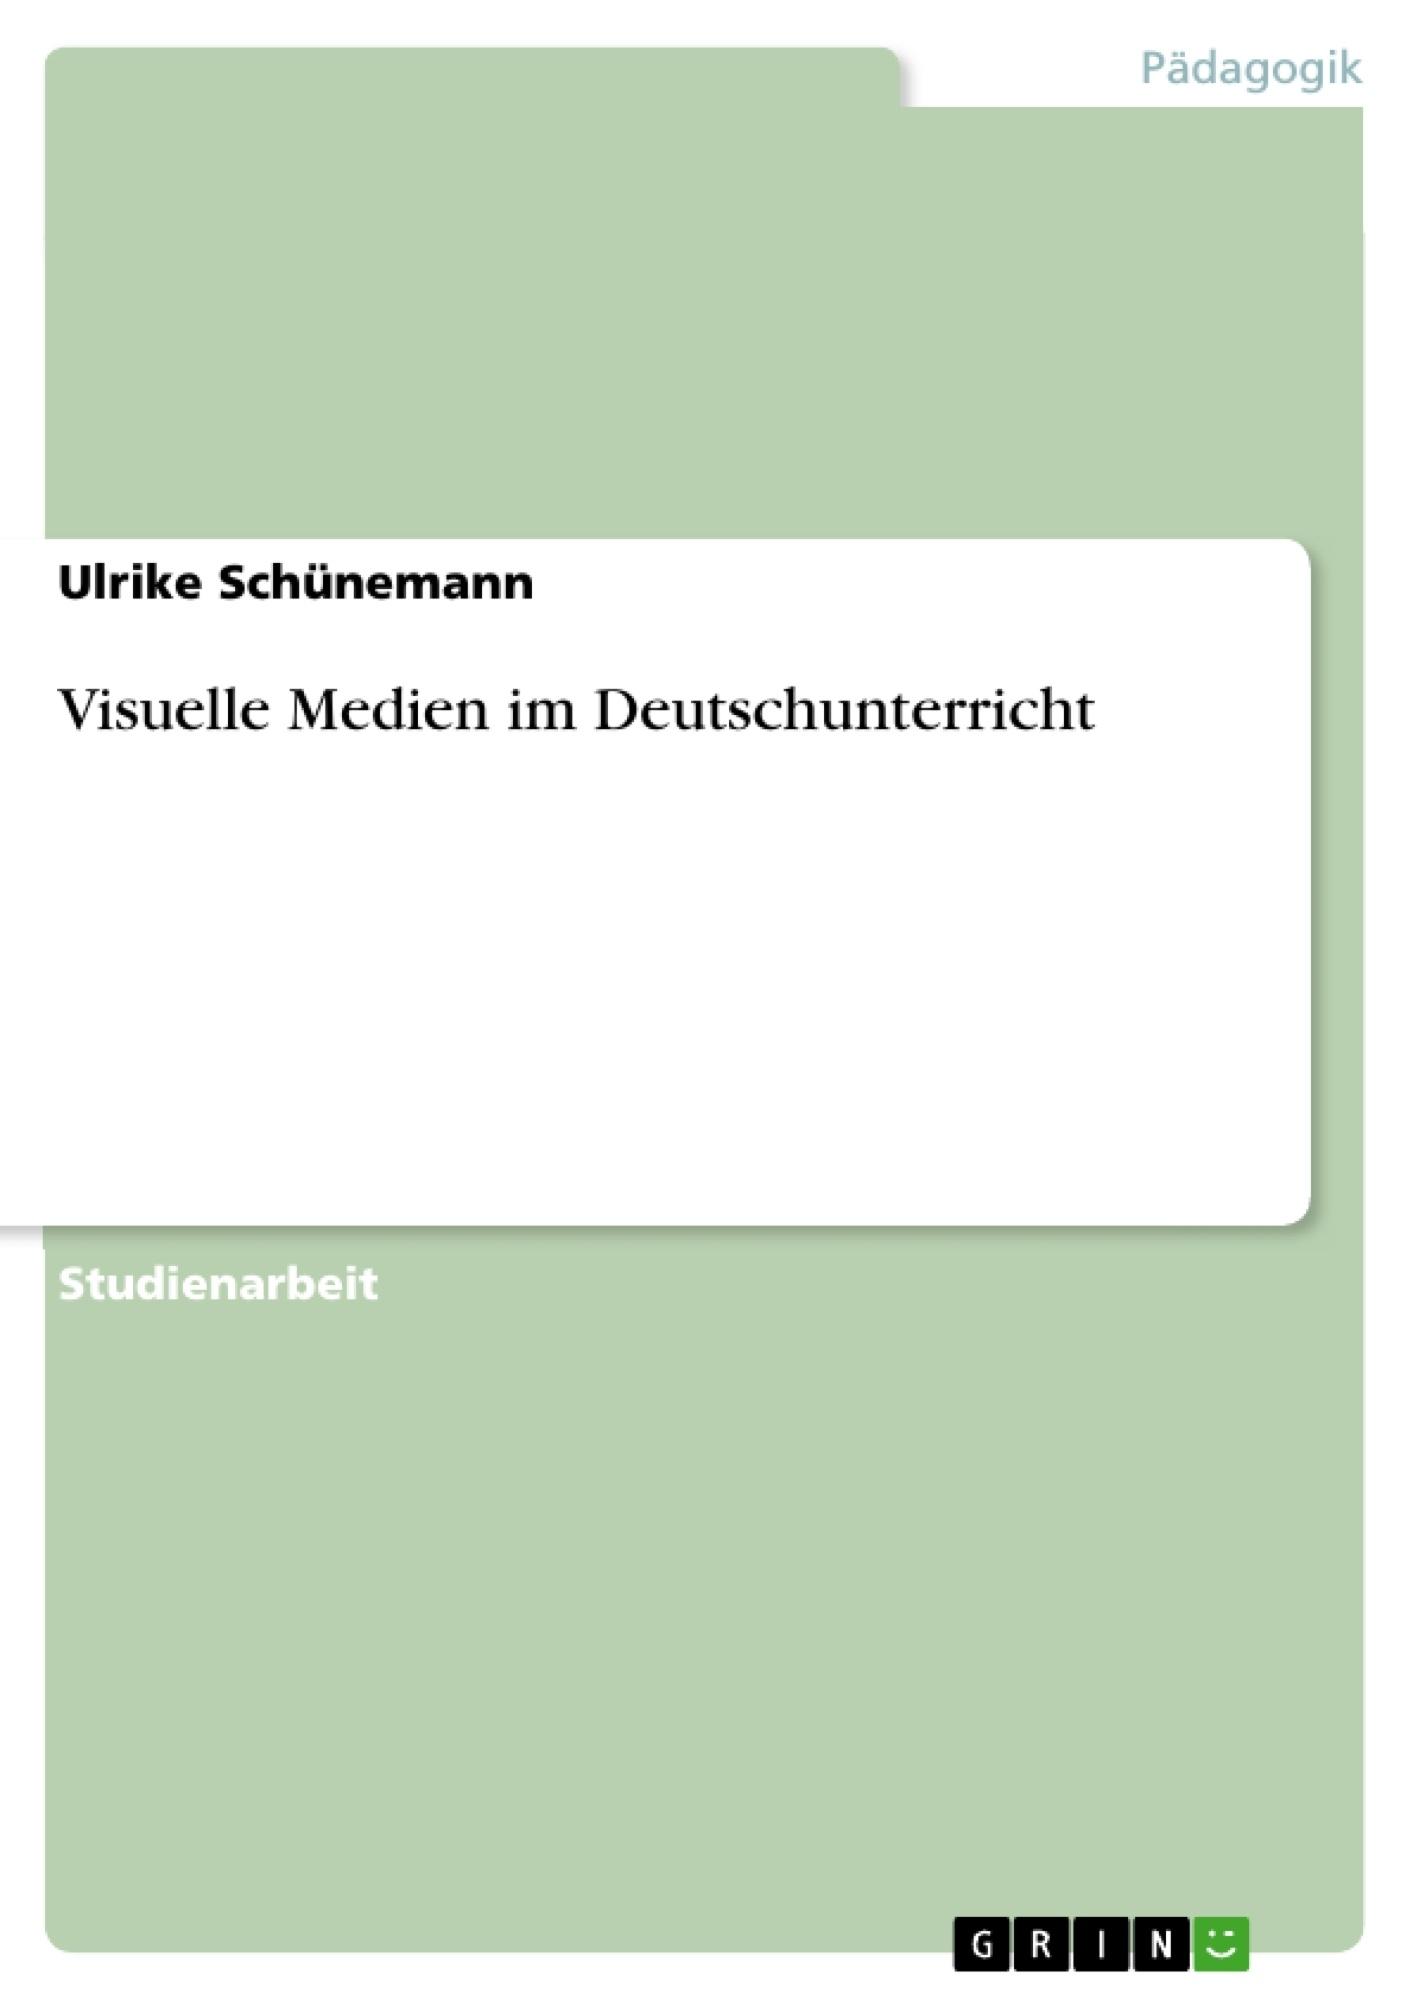 Titel: Visuelle Medien im Deutschunterricht